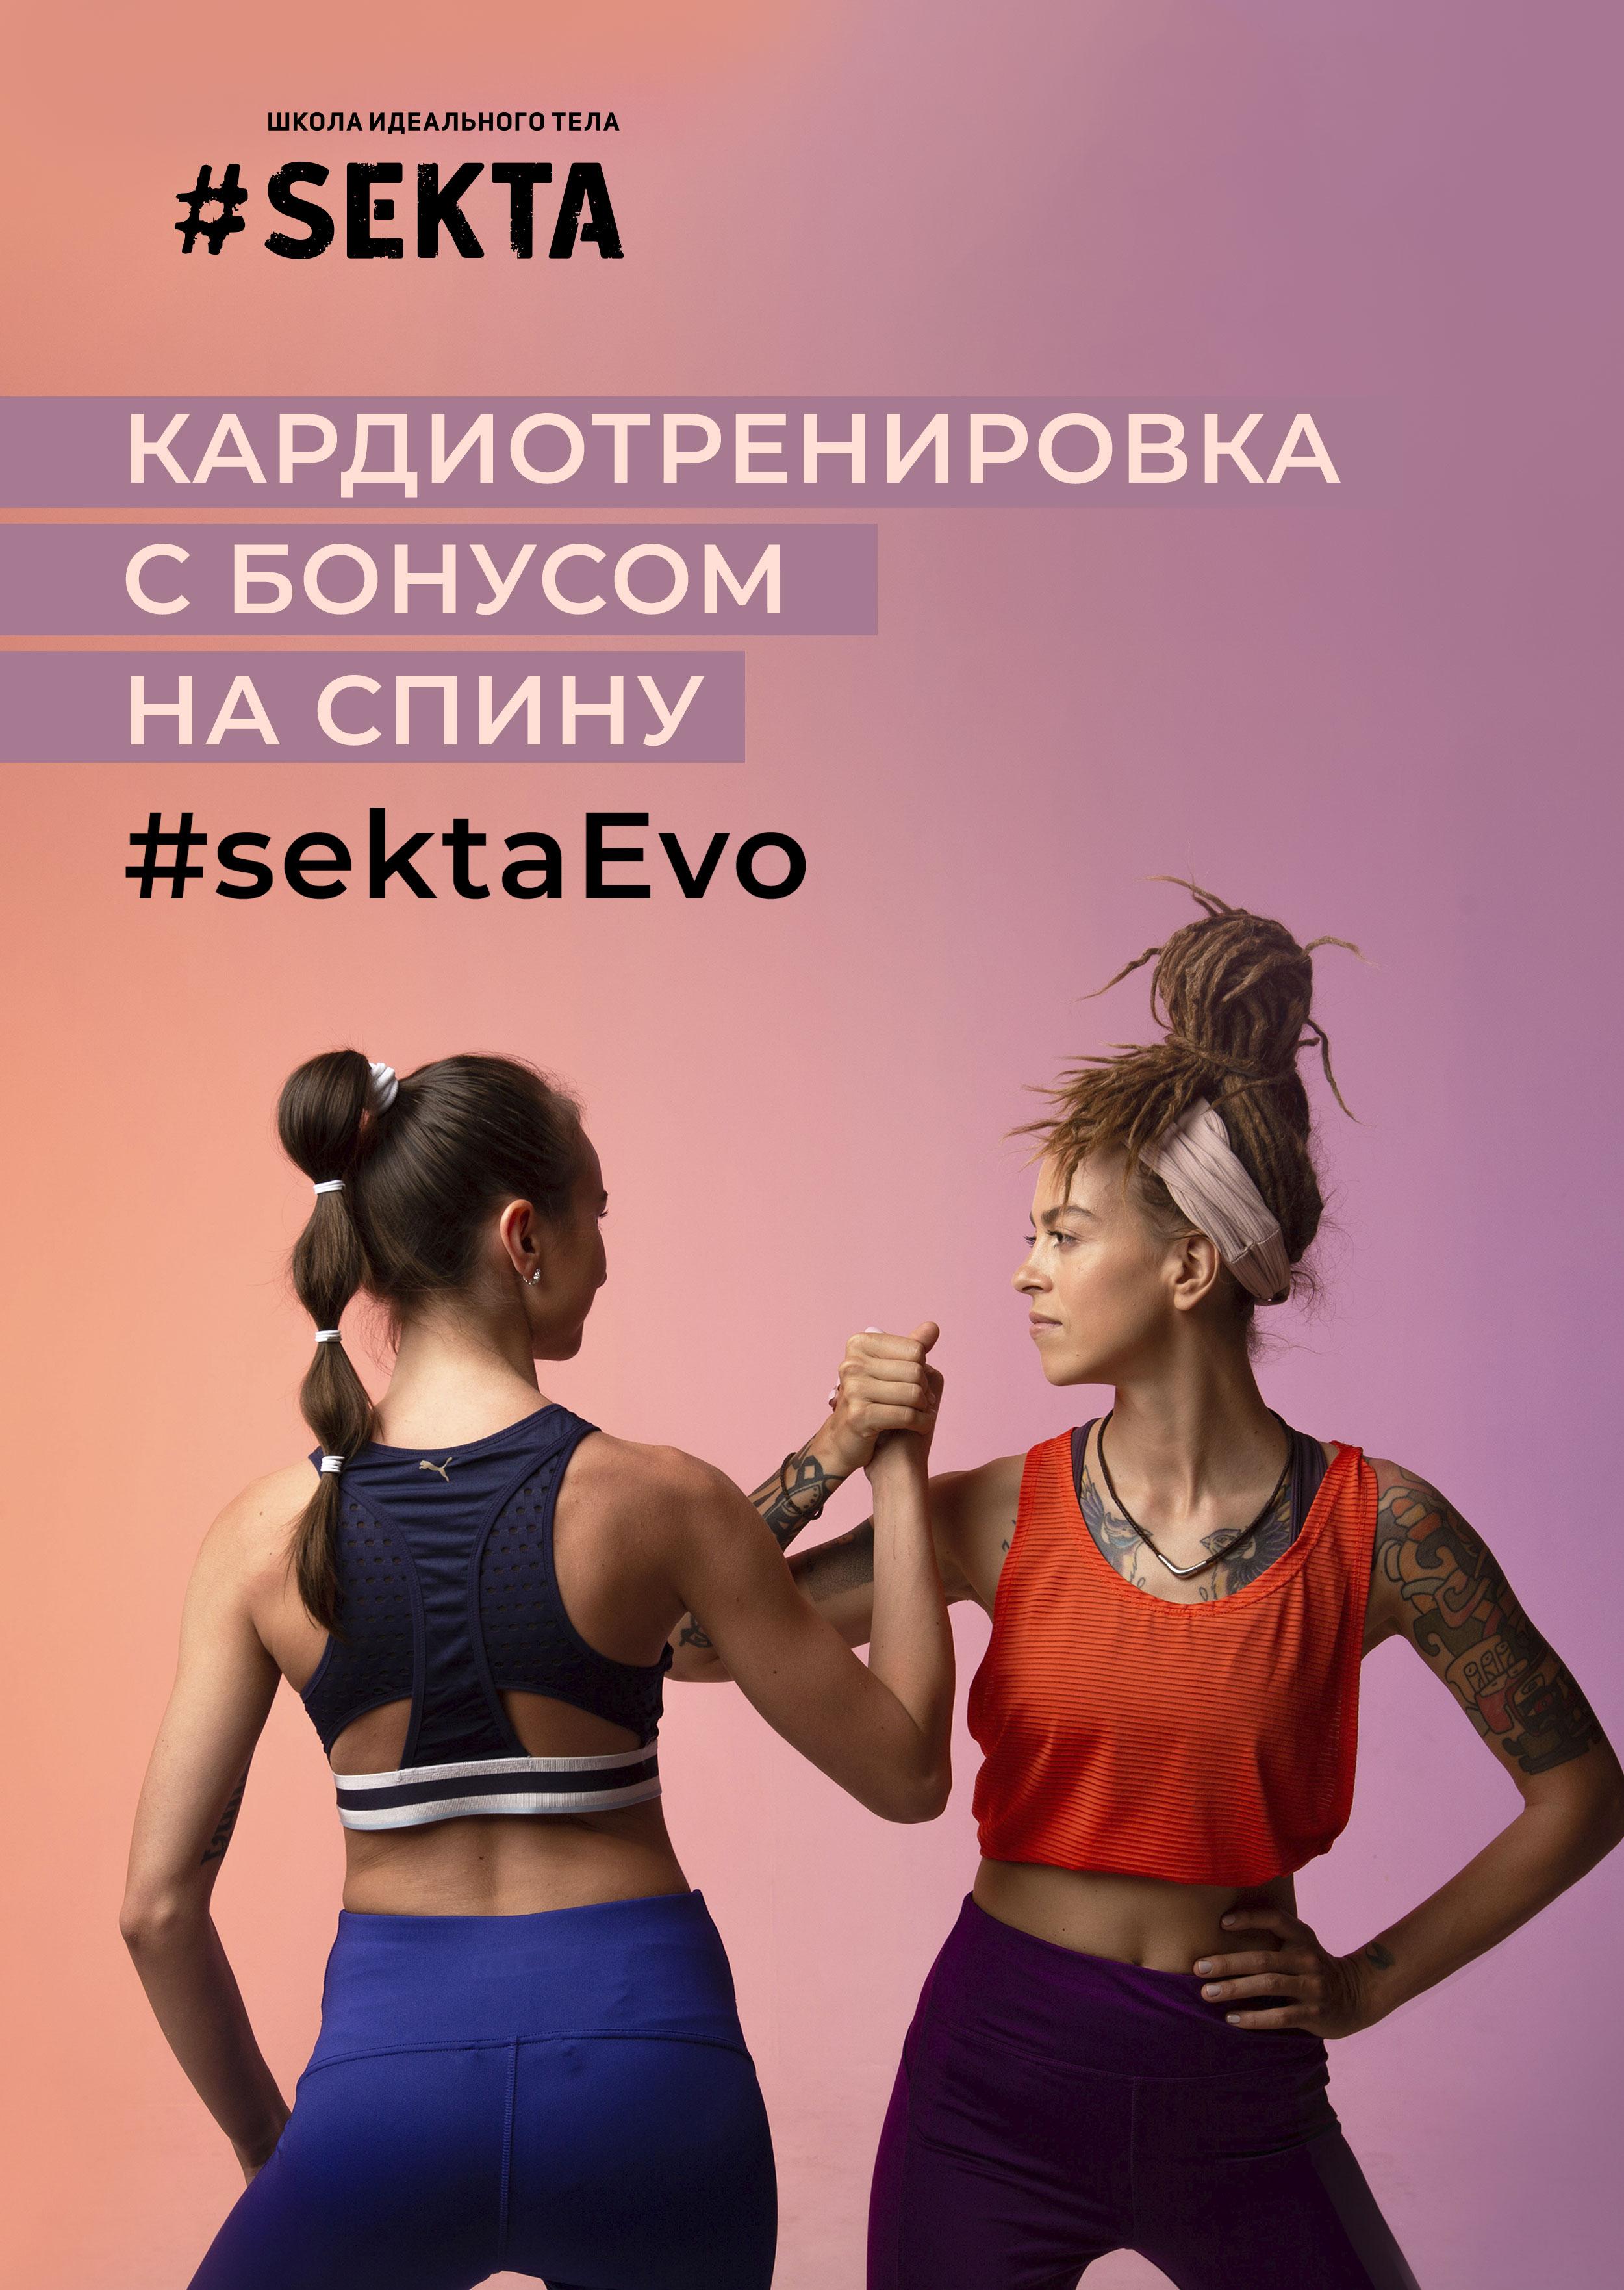 Кардиотренировка с бонусом на спину #sektaEvo